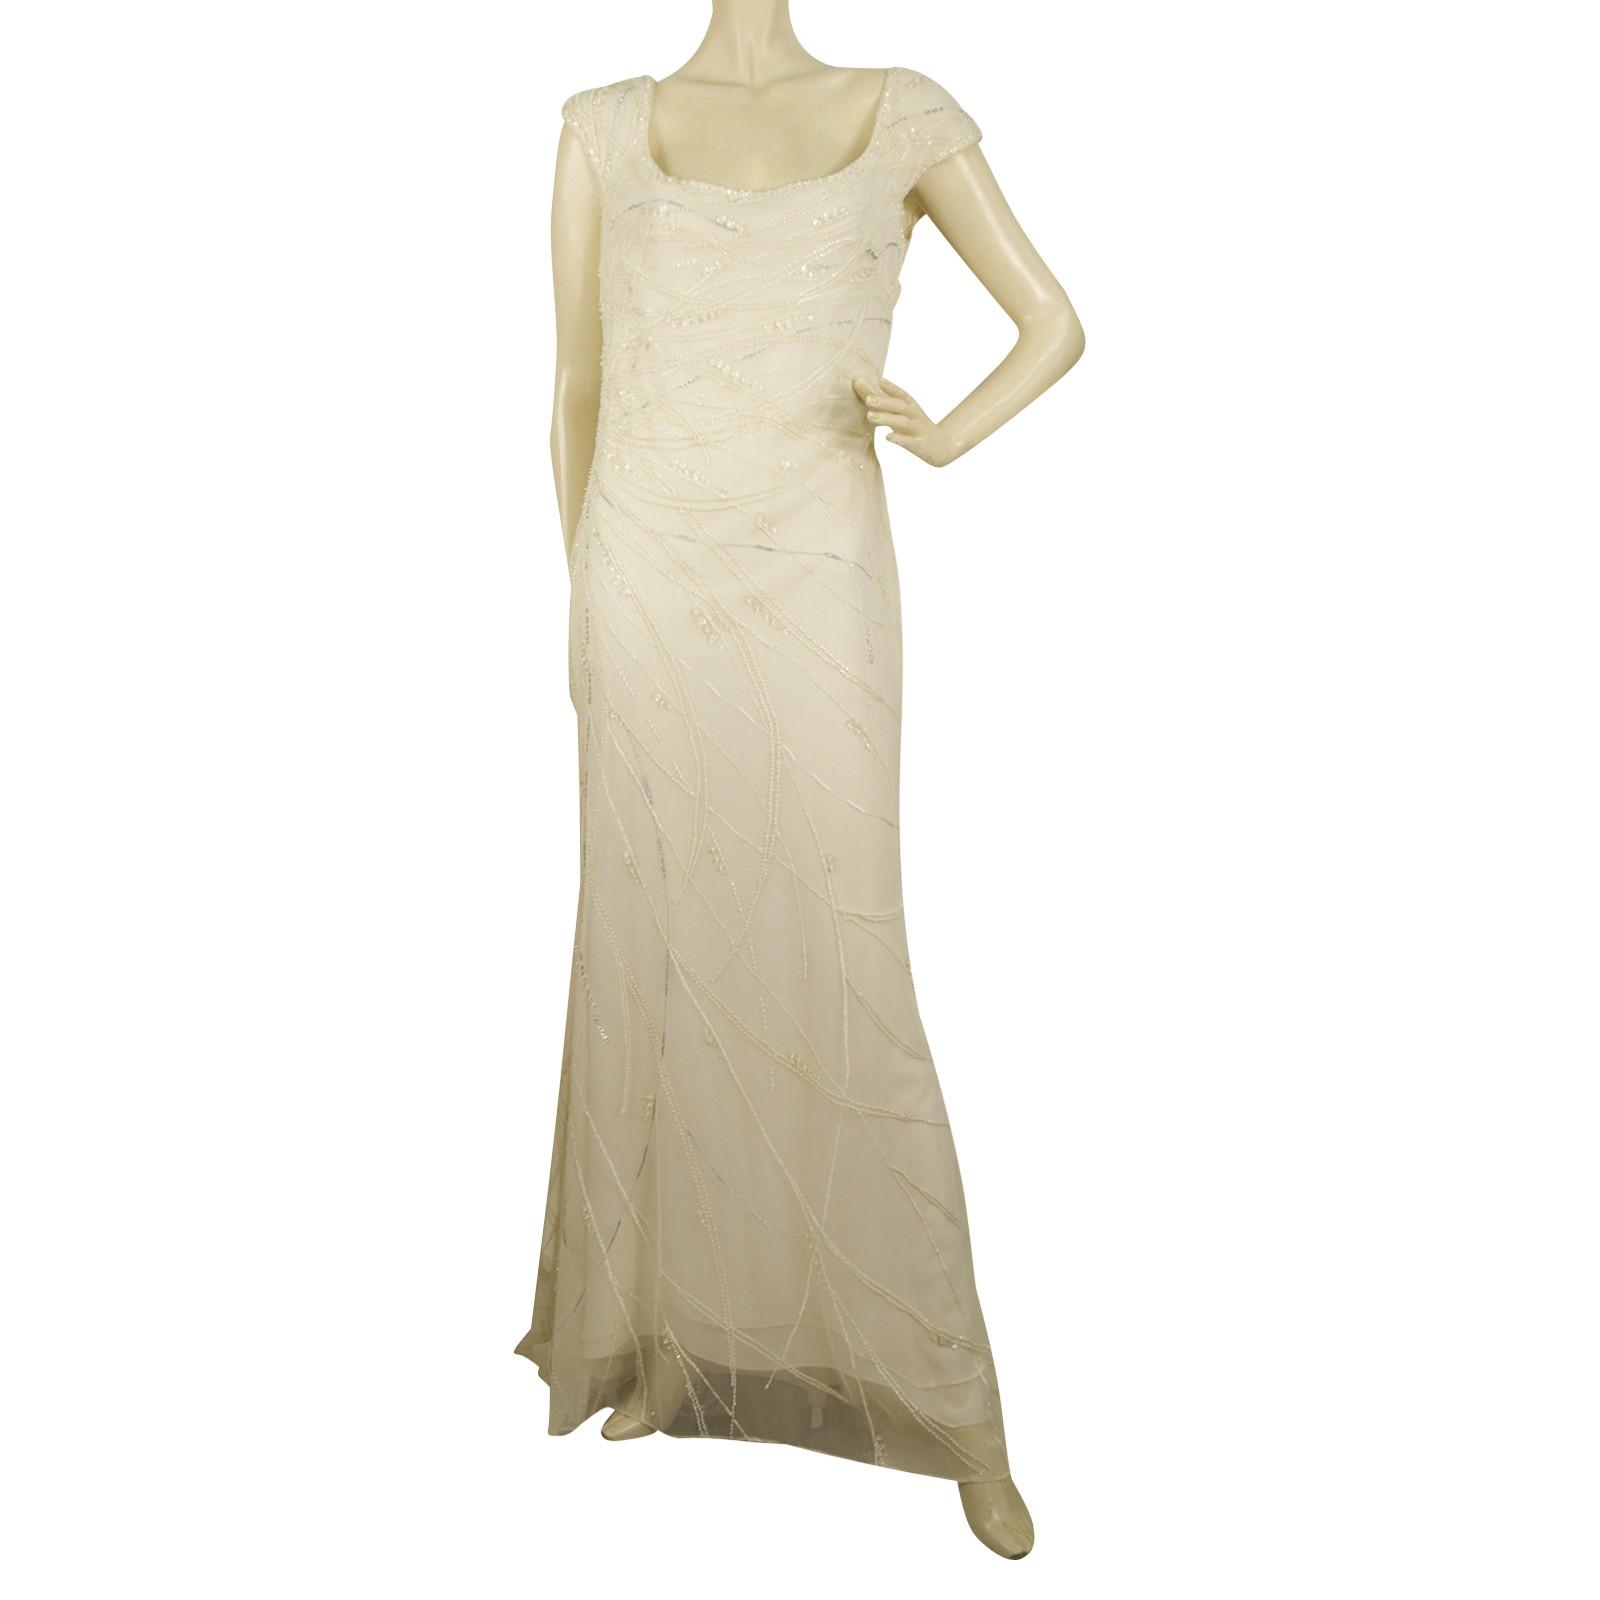 Elie Saab Hochzeitskleid - Second Hand Elie Saab Hochzeitskleid